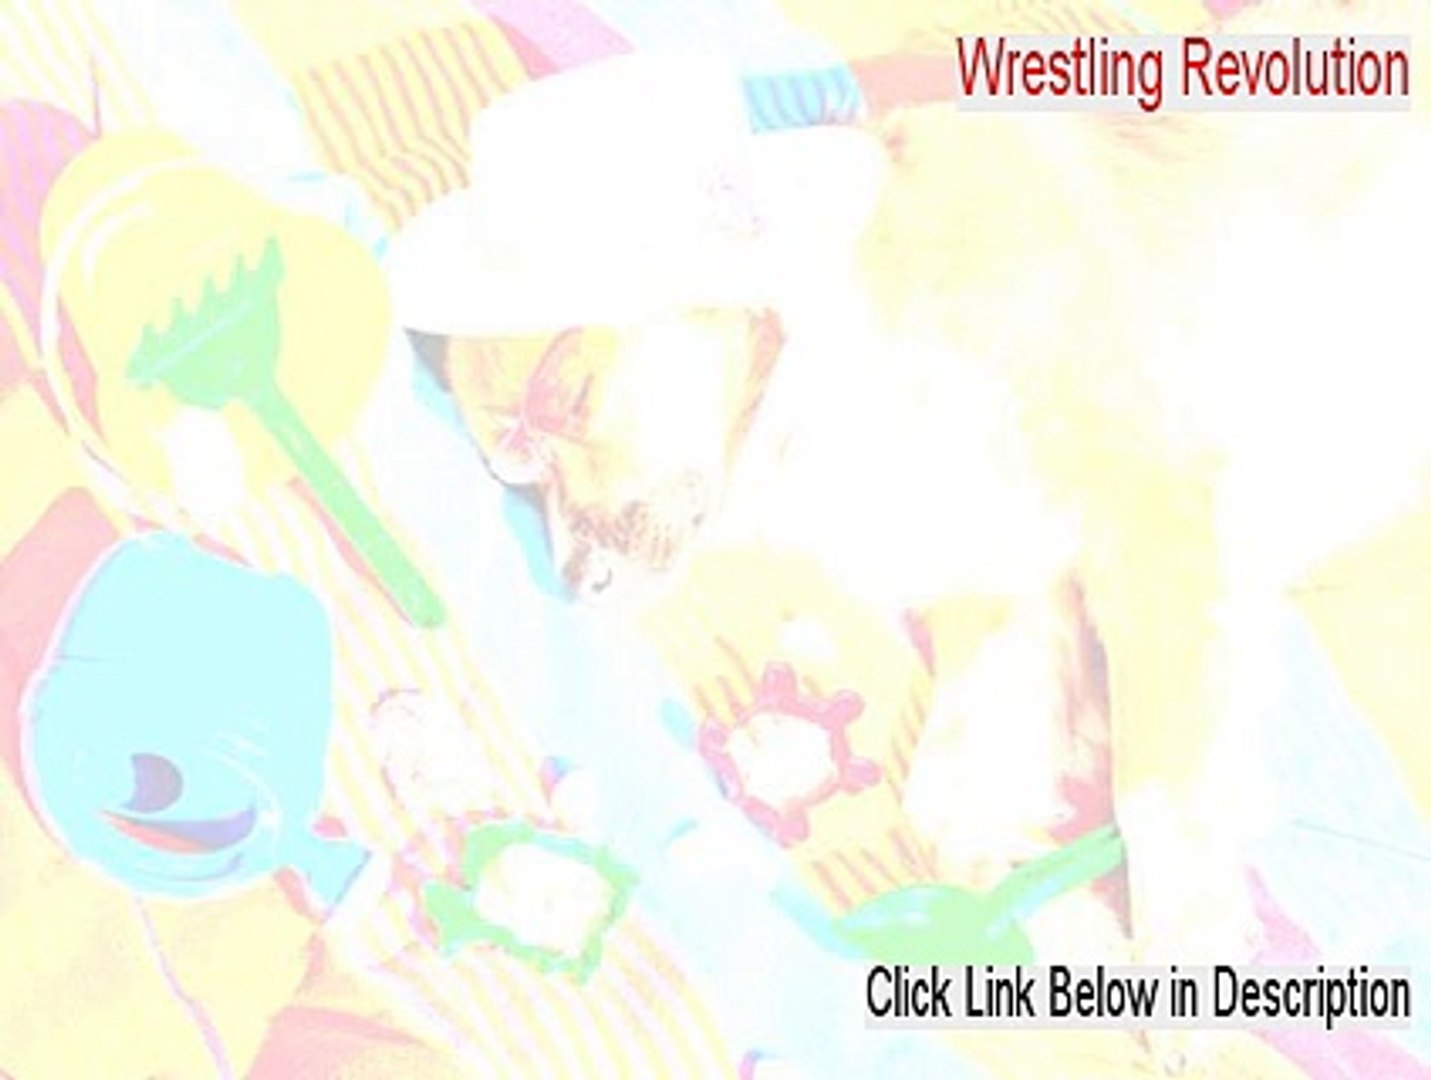 Wrestling Revolution Cracked (Free of Risk Download 2015)